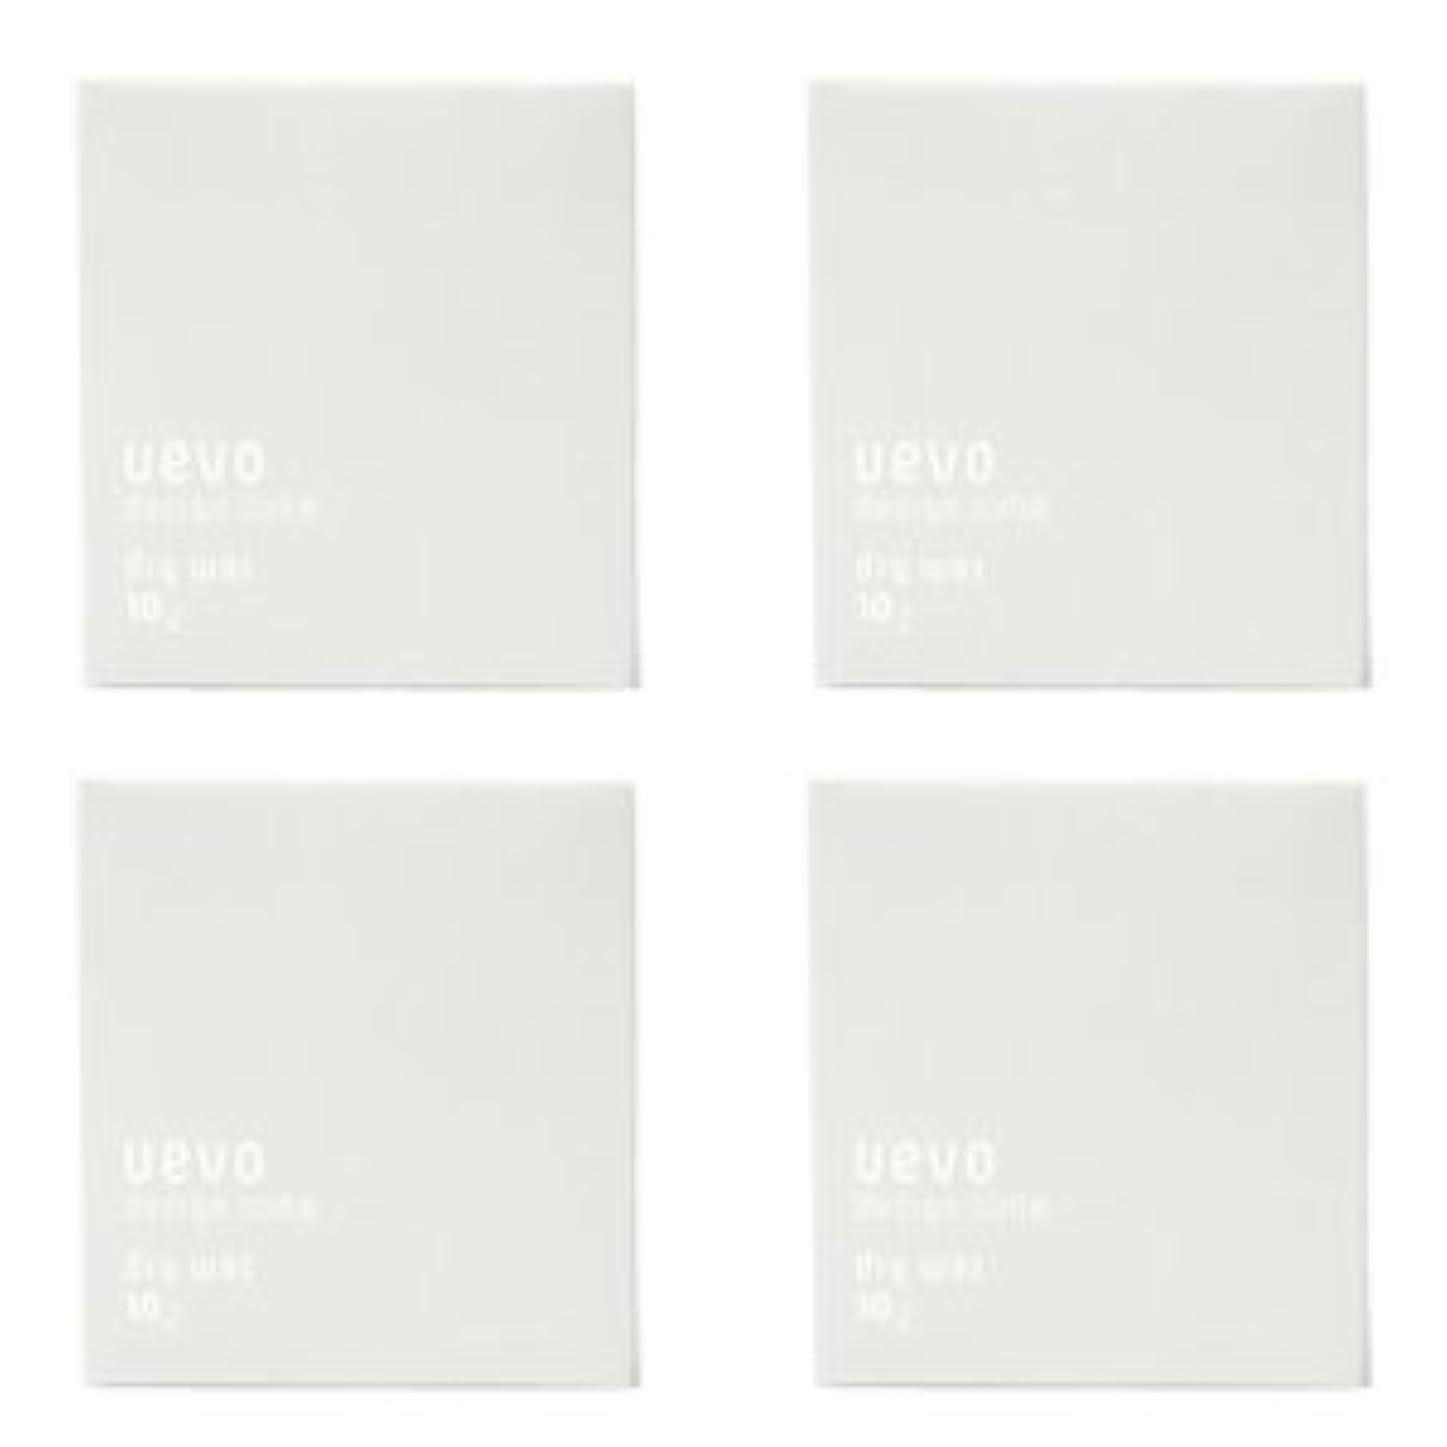 ふさわしいサイクル貼り直す【X4個セット】 デミ ウェーボ デザインキューブ ドライワックス 80g dry wax